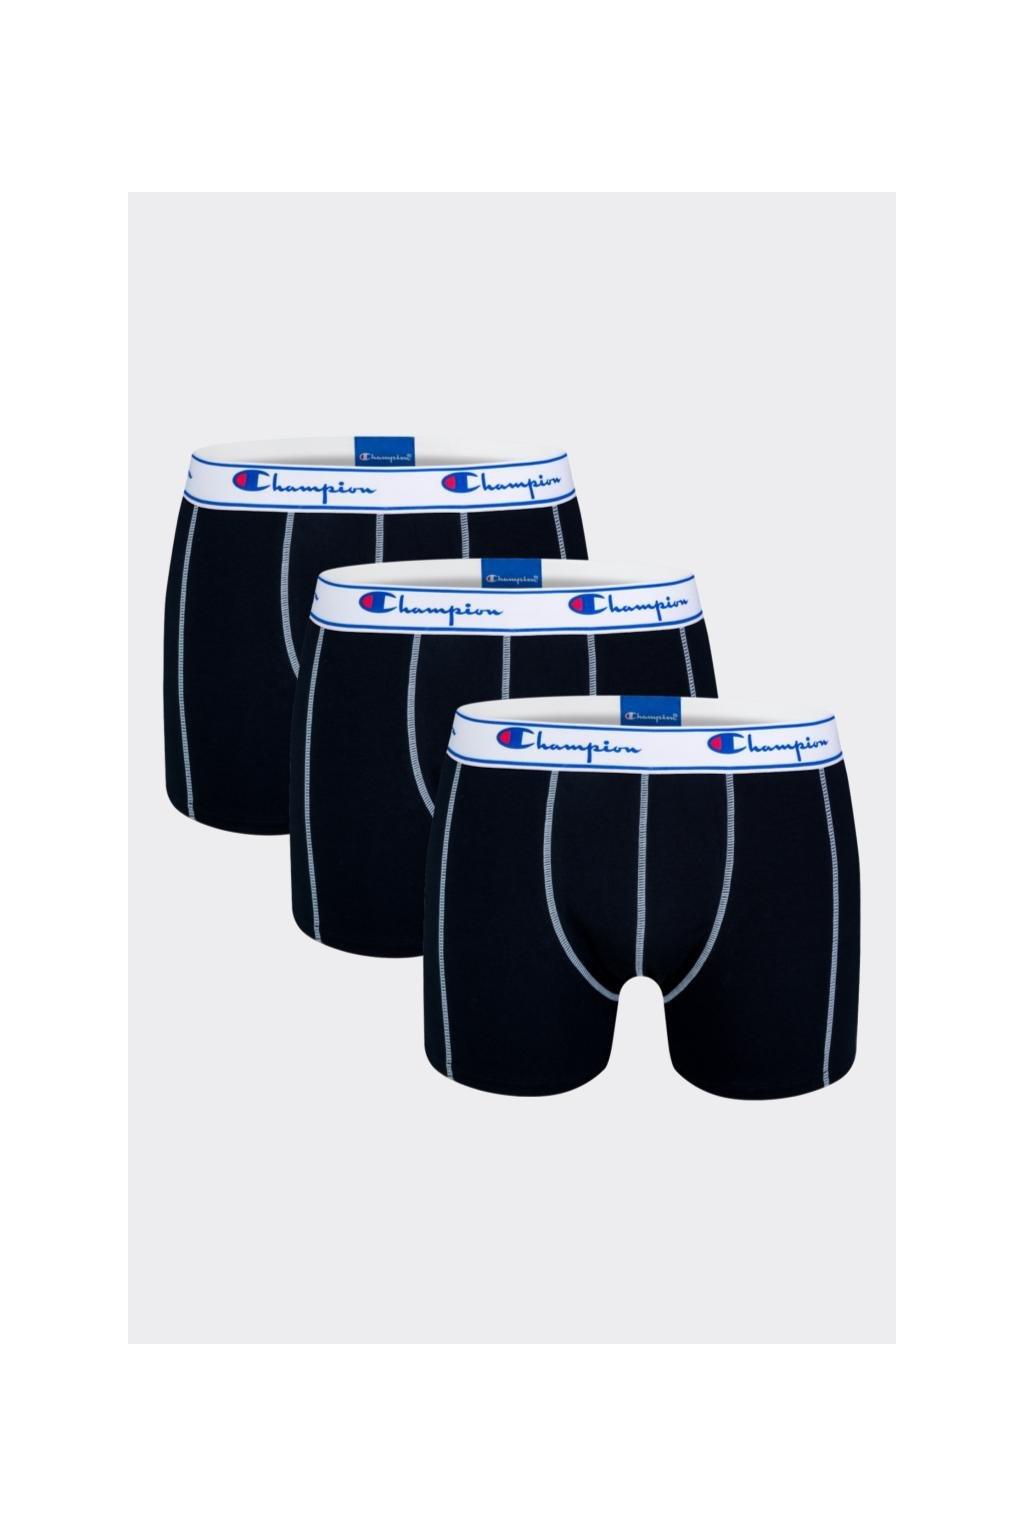 Champion boxerky 3-balení - černé